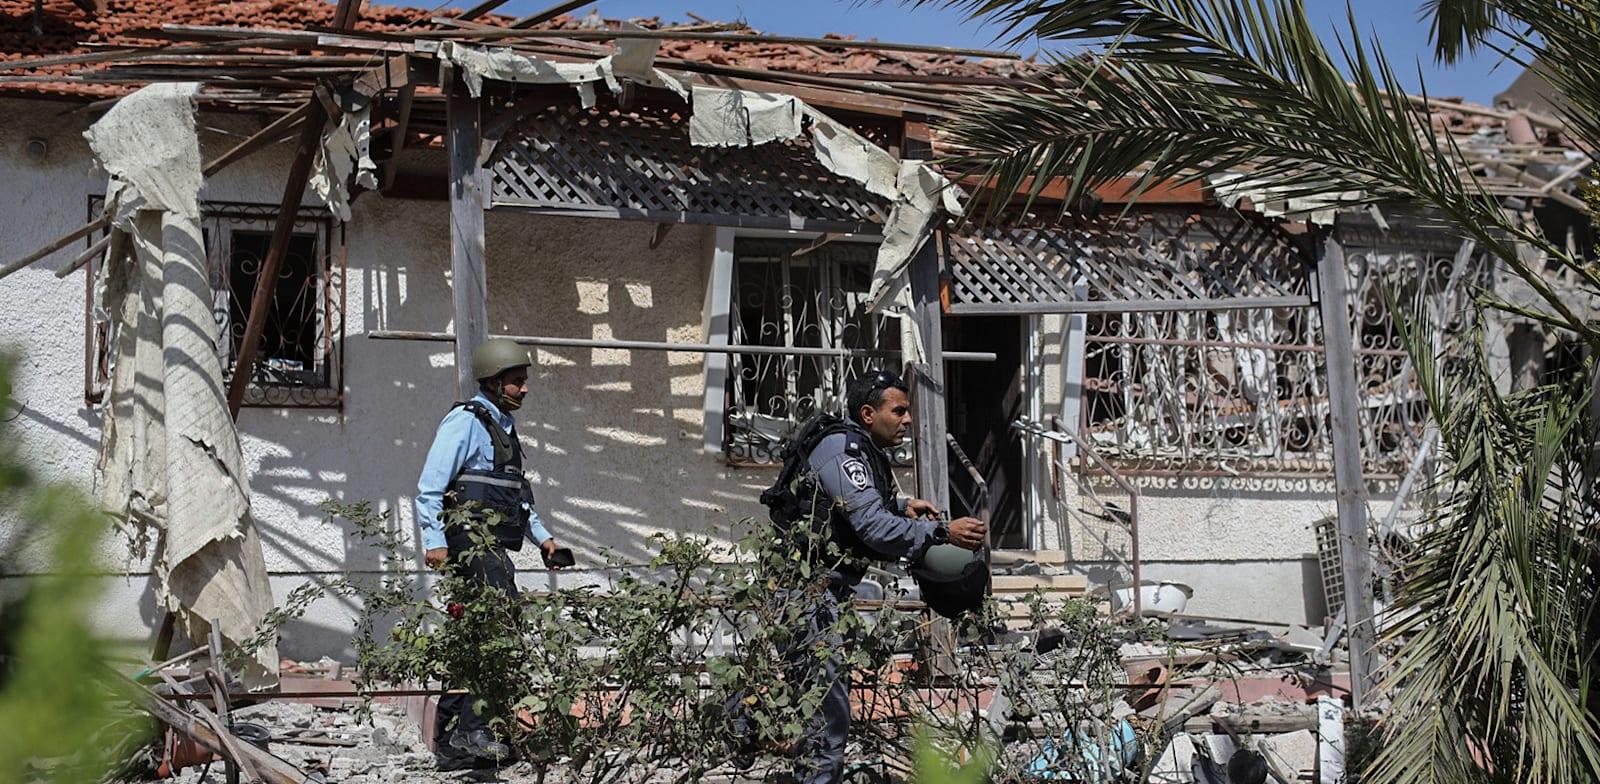 פגיעה ישירה בבית באשקלון ביום שלישי / צילום: Reuters, Ilia Yefimovich